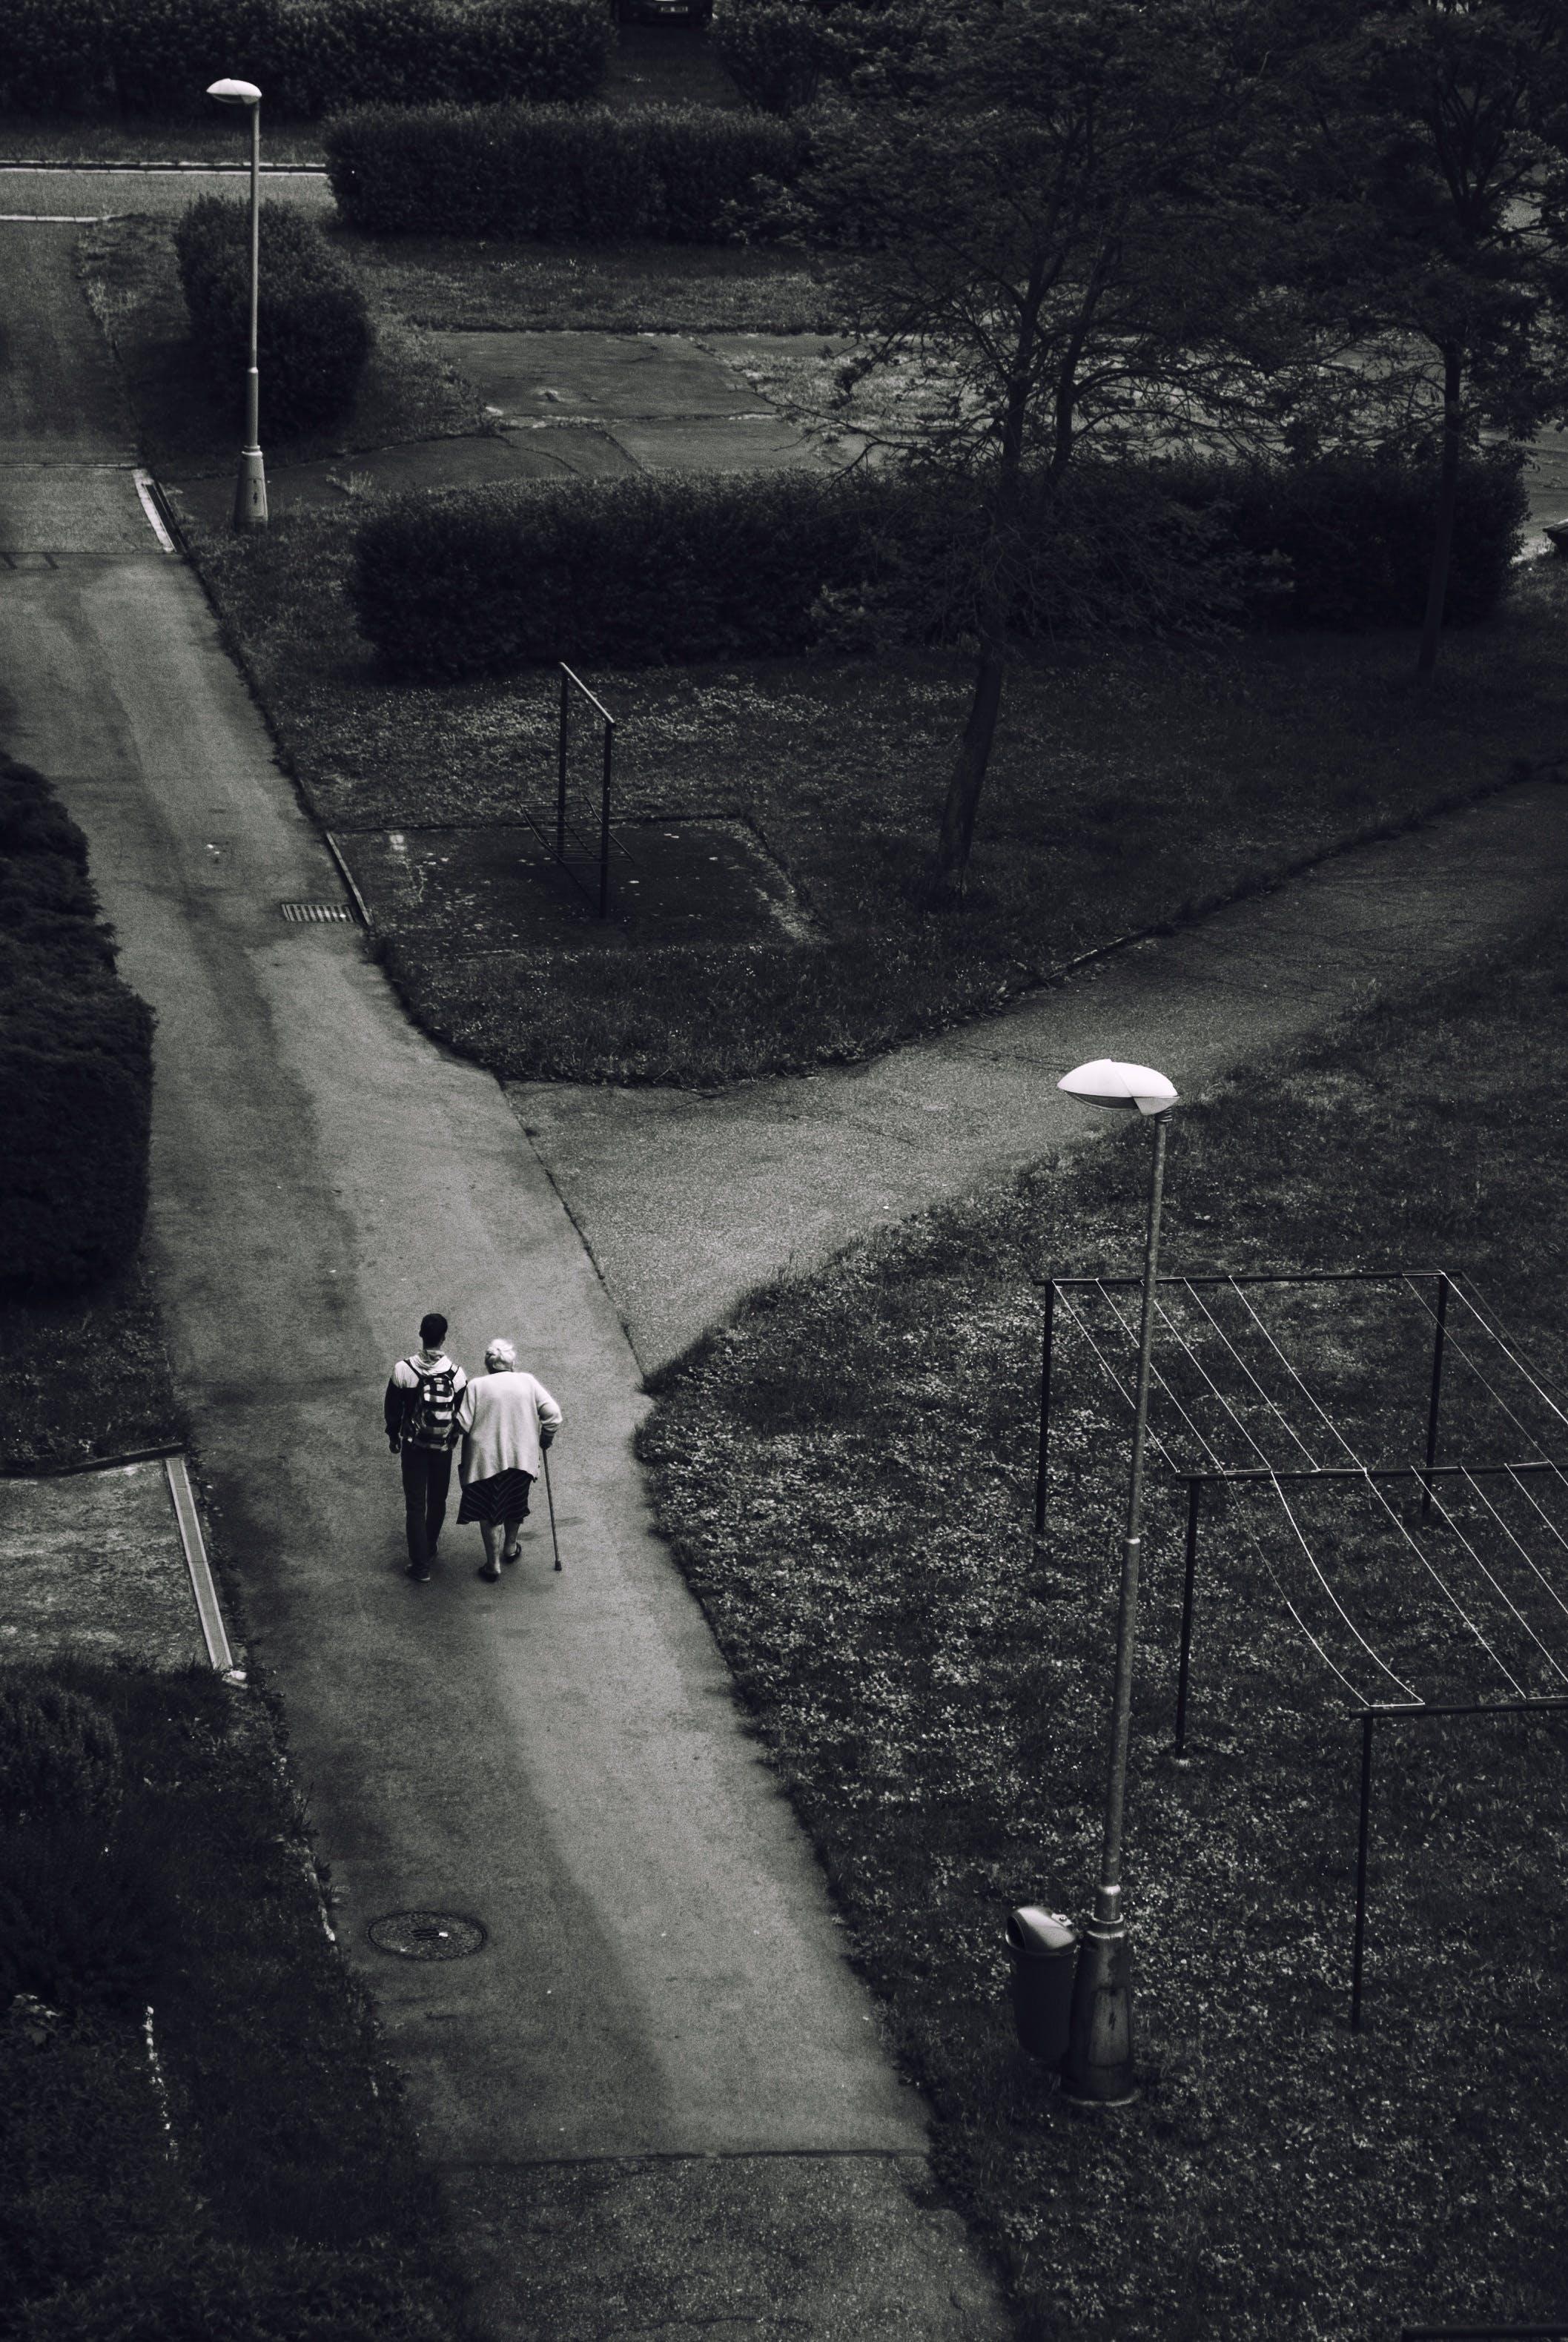 Man Walking Beside Woman on Road